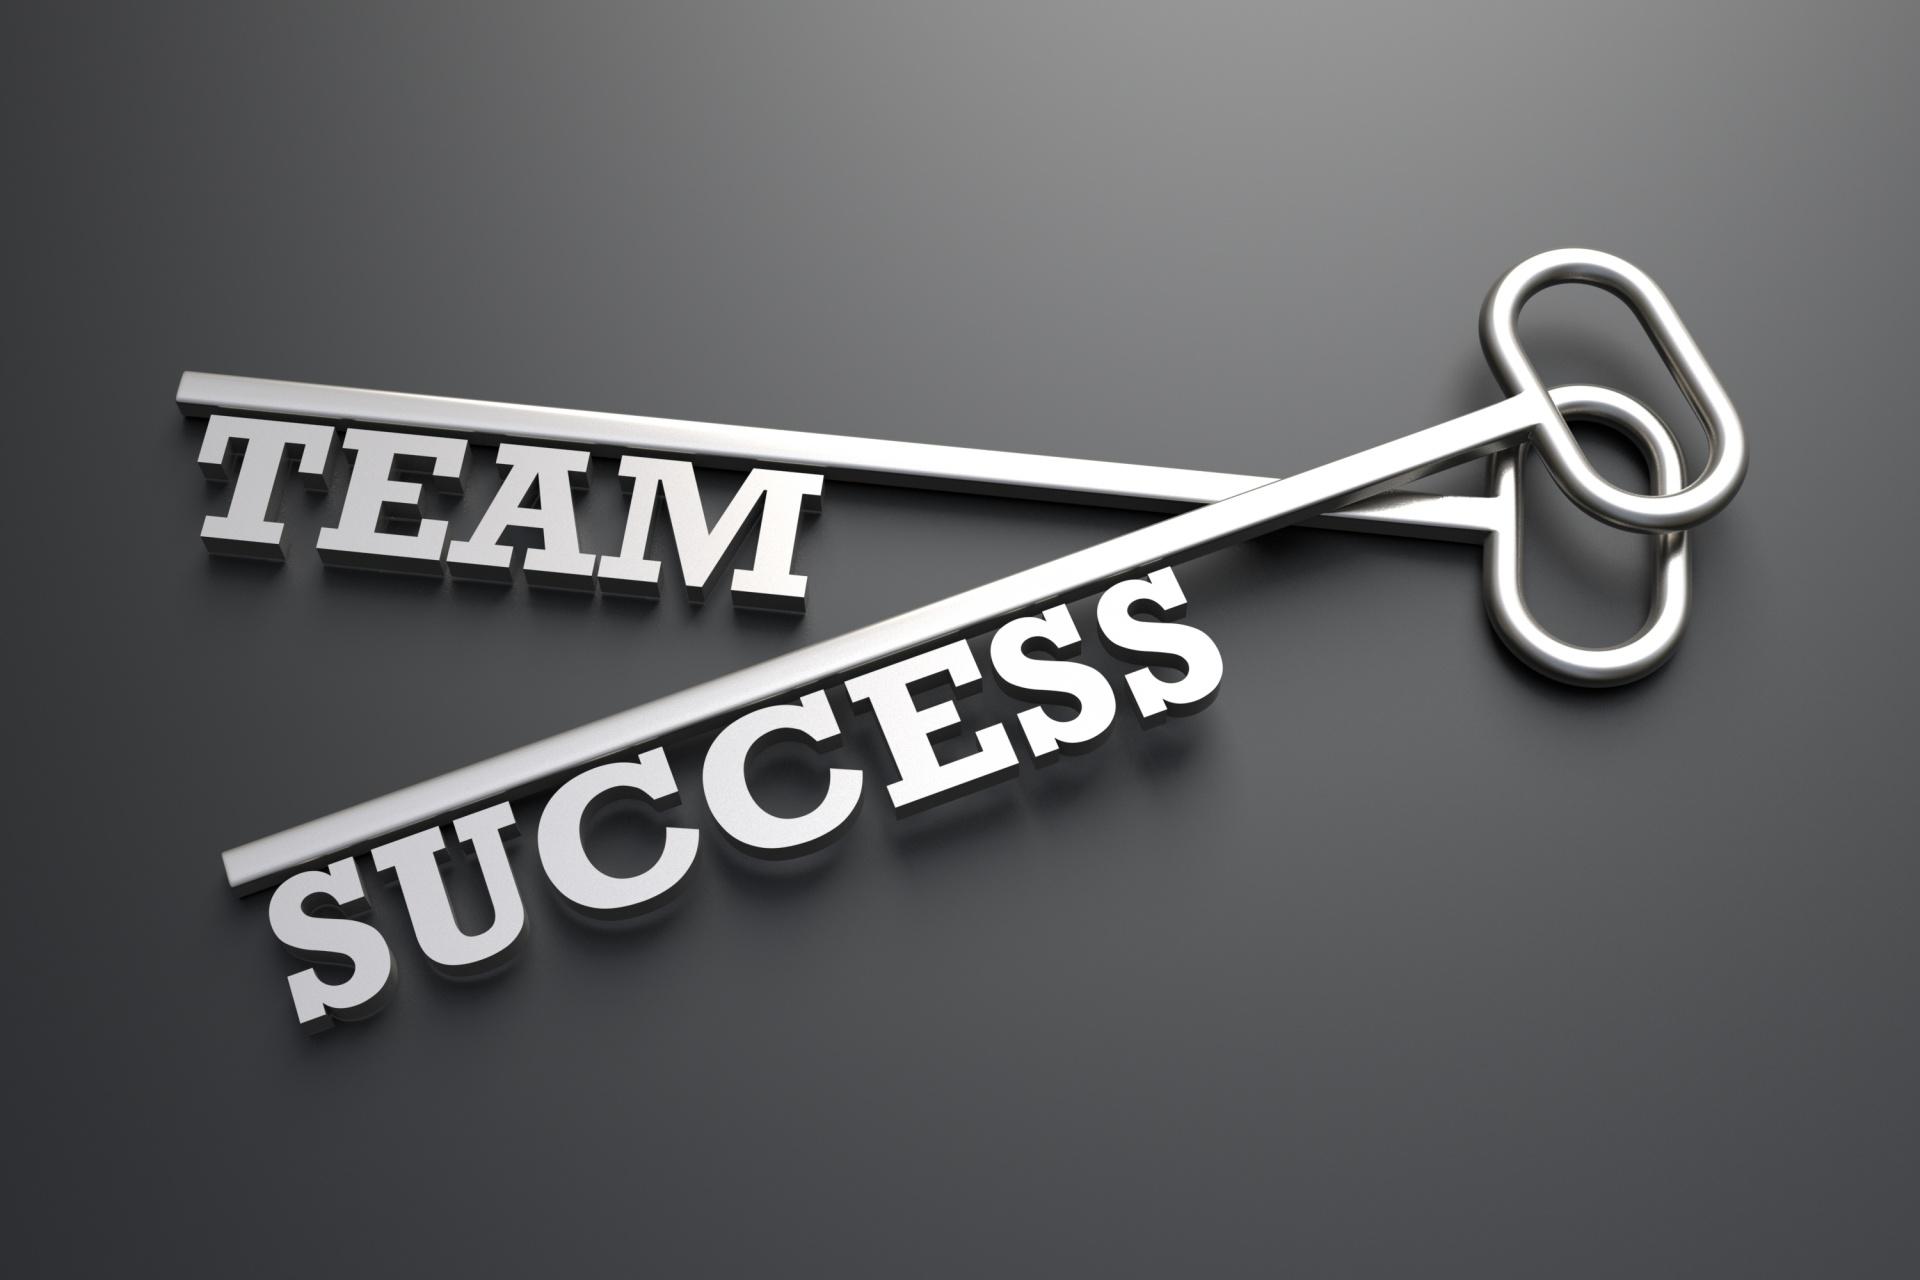 Das Leitbild unseres Unternehmens ist der Schlüssel zum Erfolg